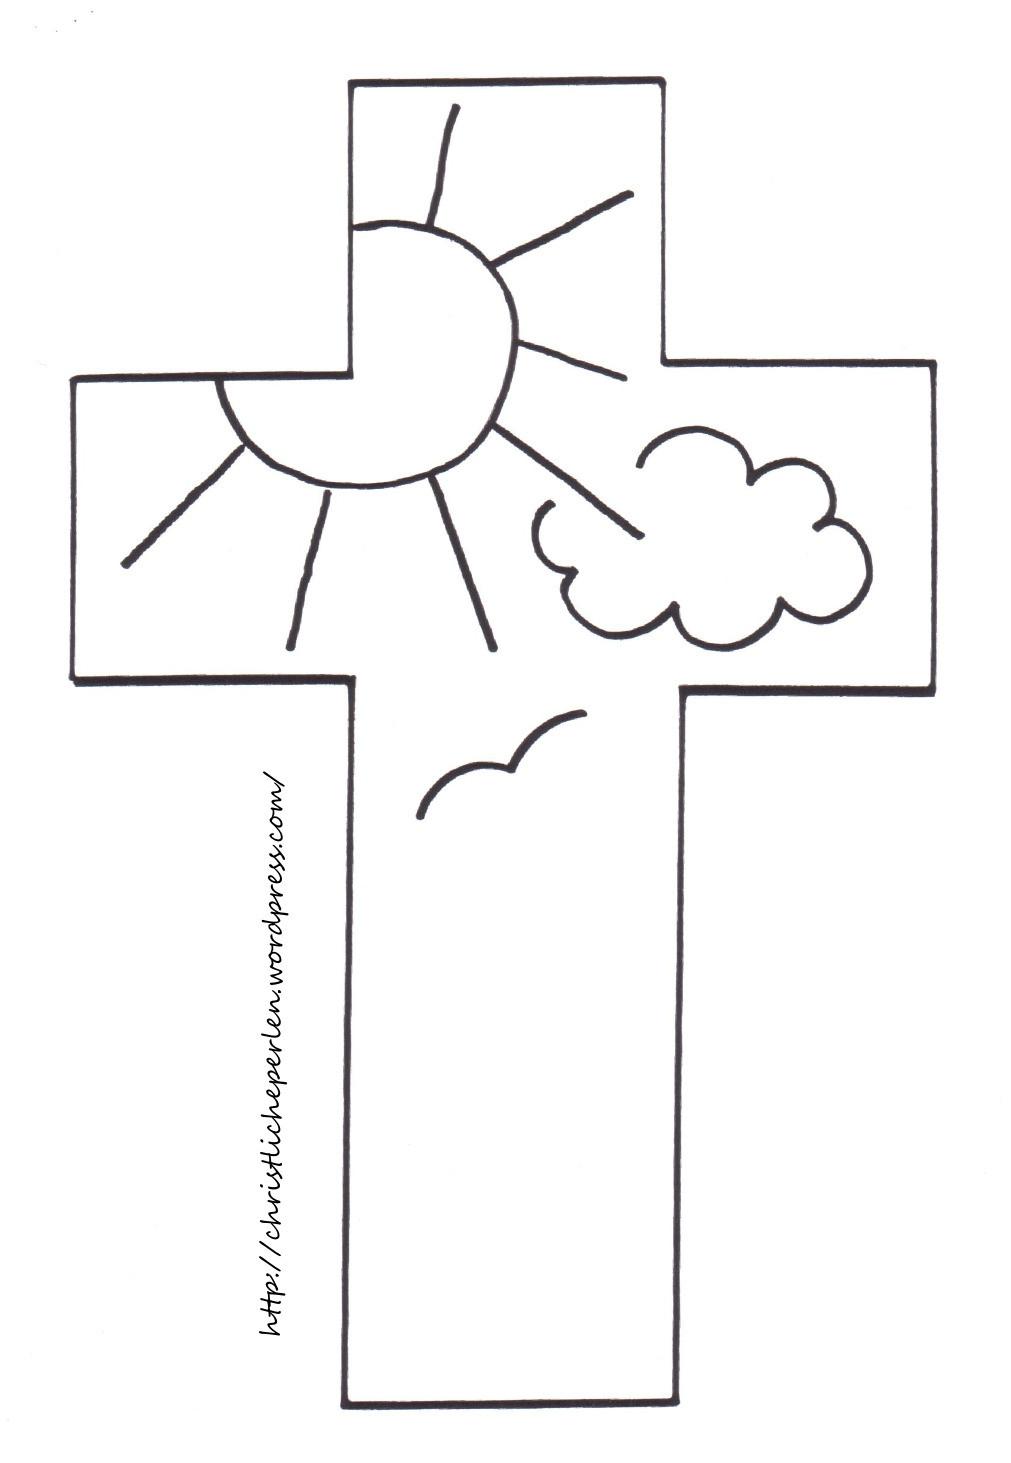 Kreuz Zum Ausmalen Frisch Basteln Kreuz Mit Perlen Best Ausmalbilder Kreuz Galerie